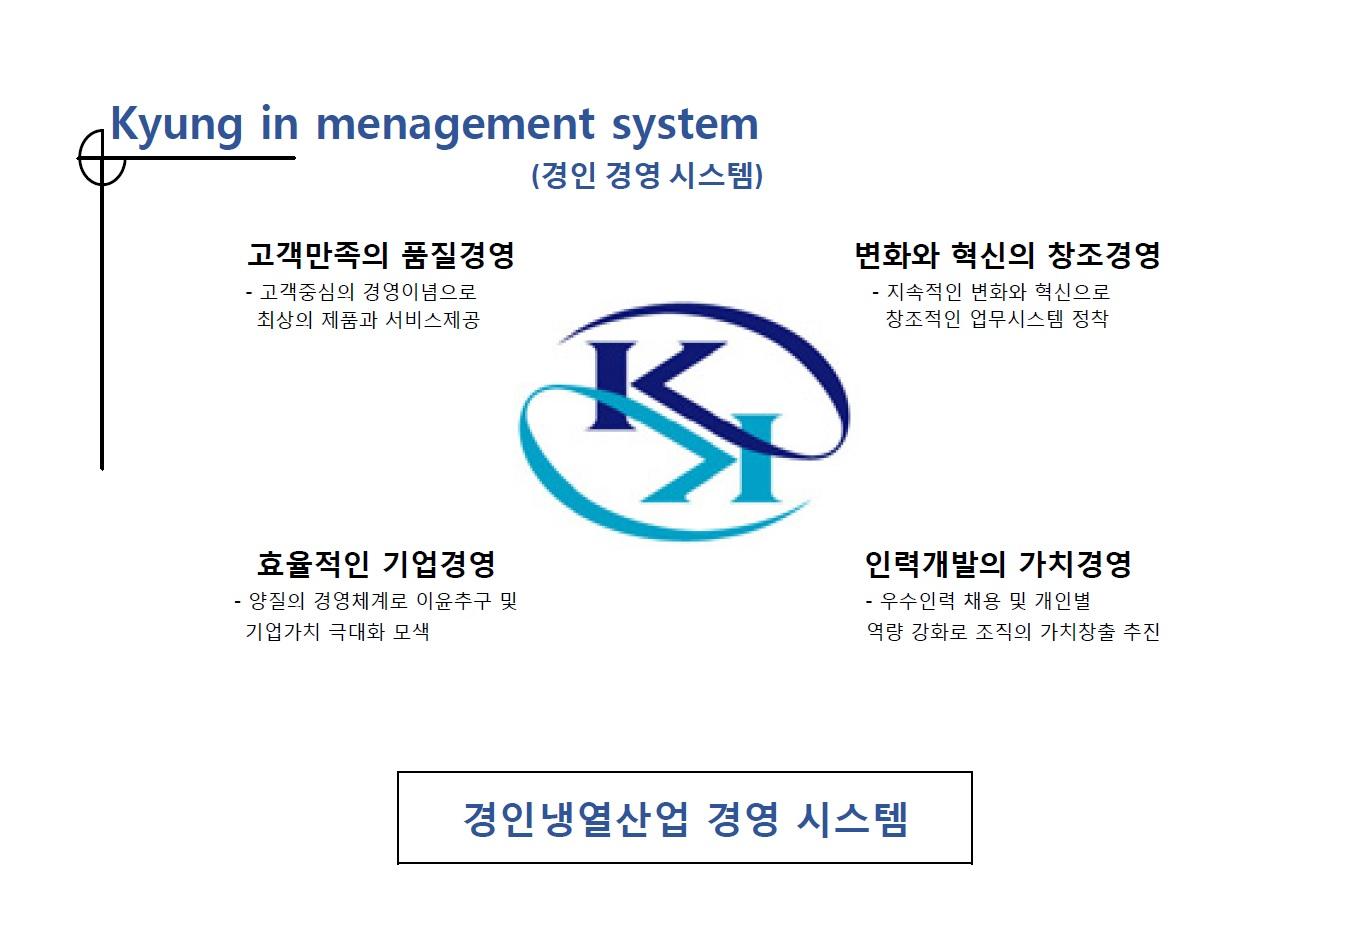 경영시스템 2.jpg